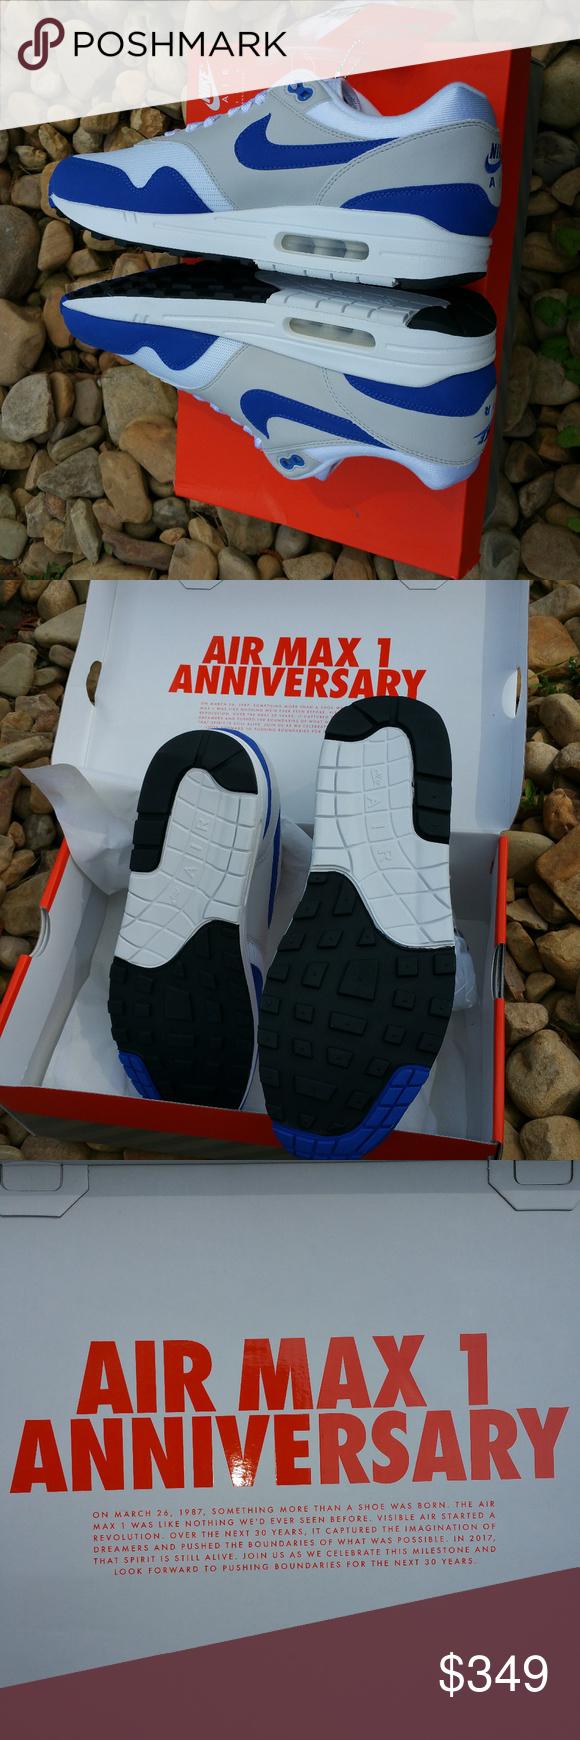 Nike Air Max 1 Anniversary Blue Sz 8.5 90837 101 Nike Air